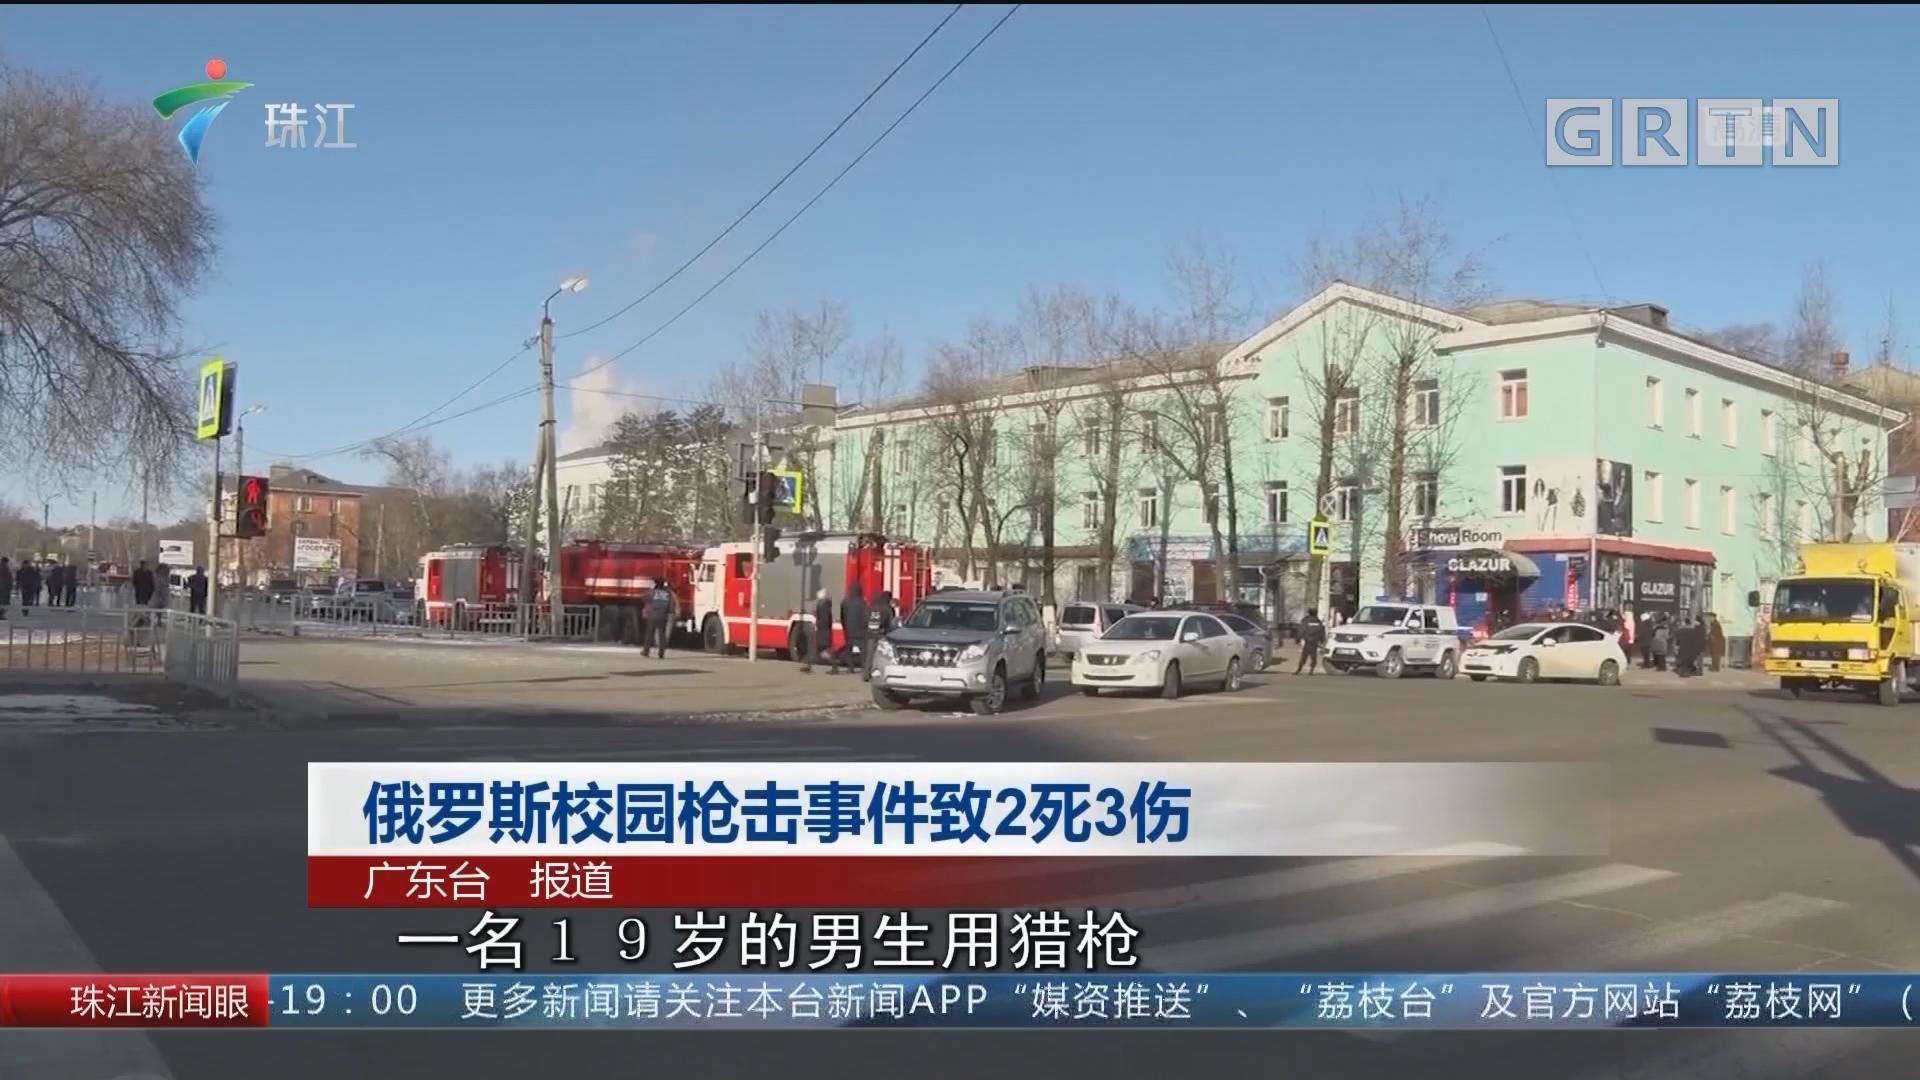 俄罗斯校园枪击事件致2死3伤